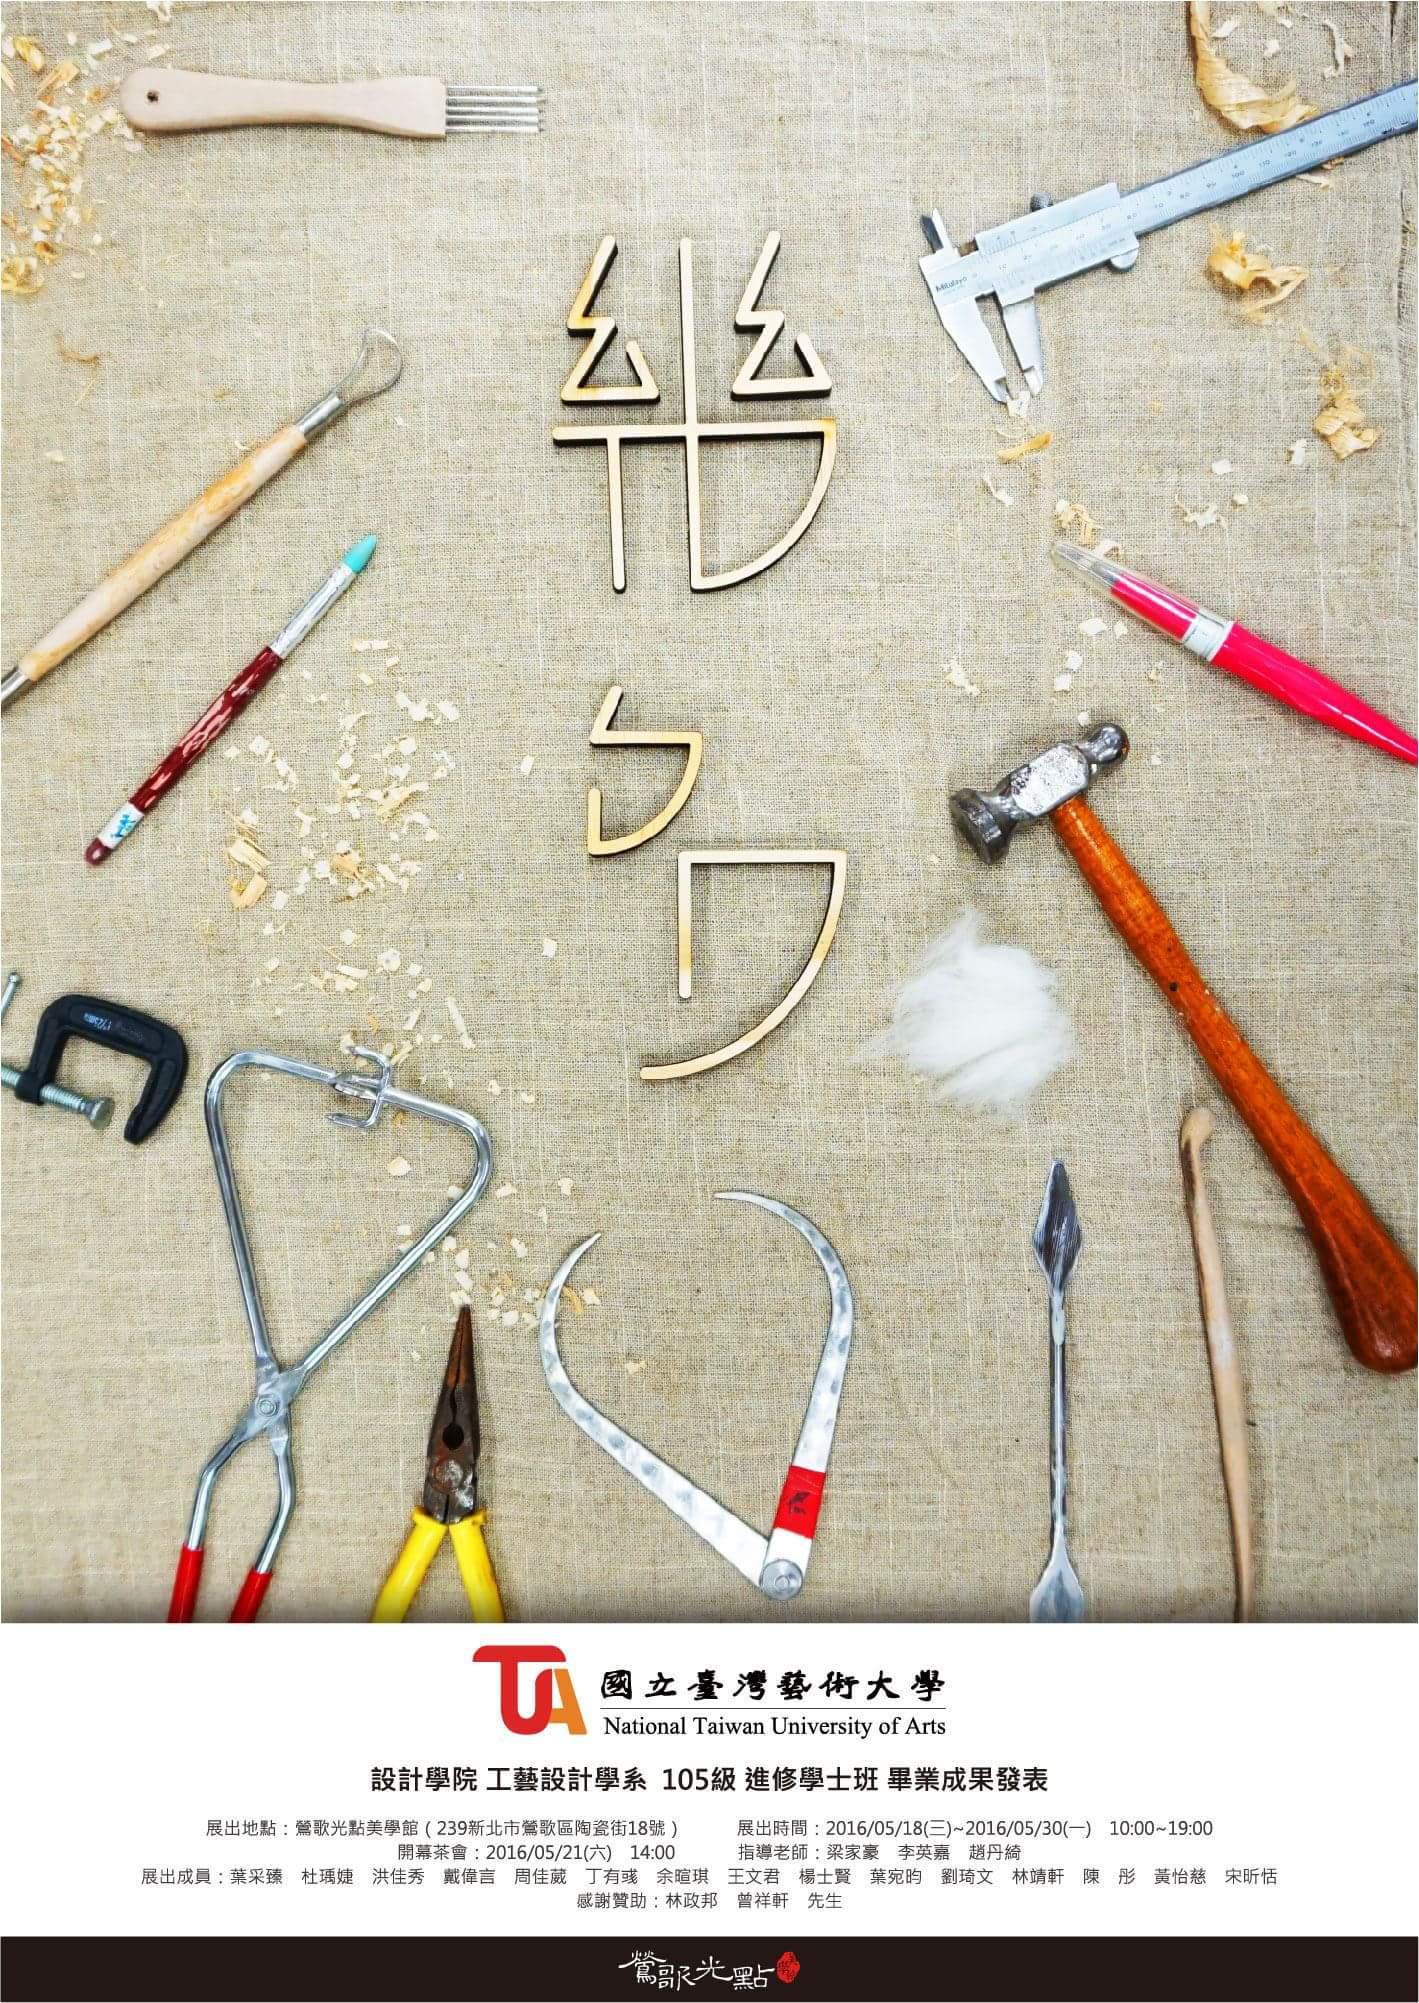 「幾多」–國立台灣藝術大學  工藝設計學系畢業展